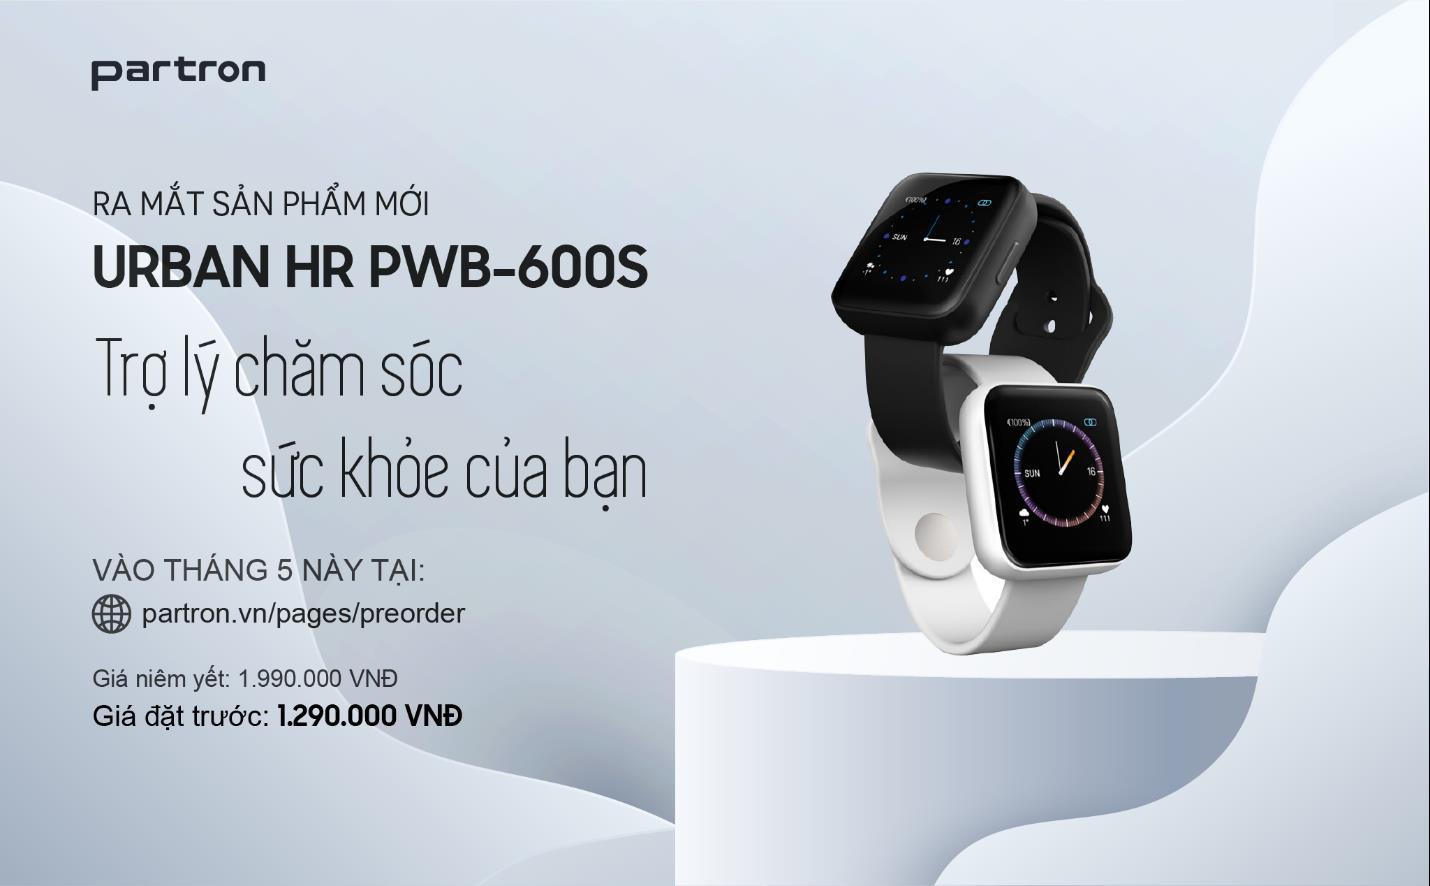 Năng động trong mùa hè này cùng smartwatch Urban HR của Partron, made in Vietnam, vừa thông minh lại vừa đẹp - Ảnh 4.